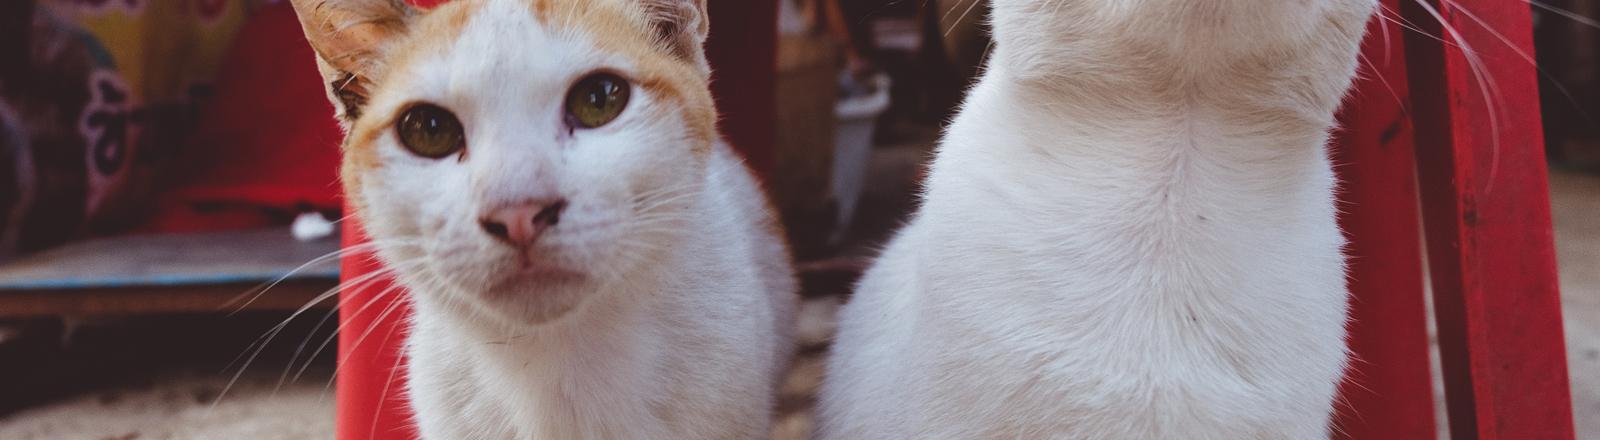 Zwei Katzen